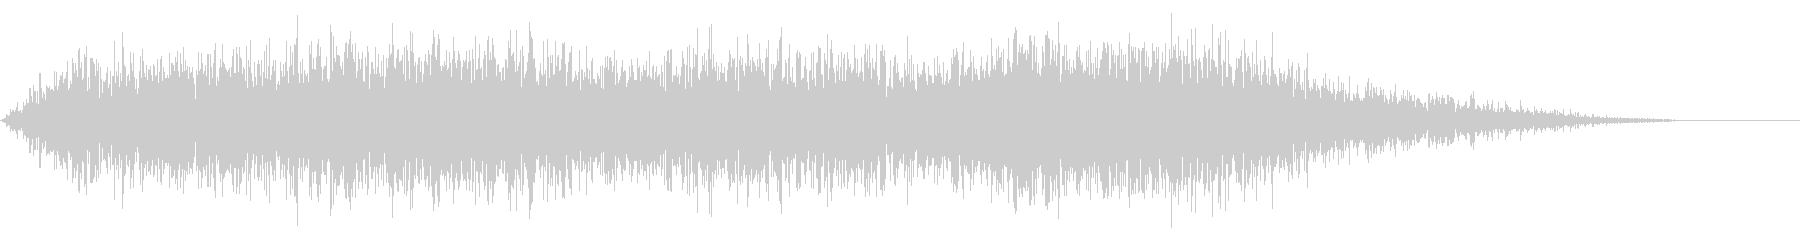 ハードノイズ遷移の未再生の波形